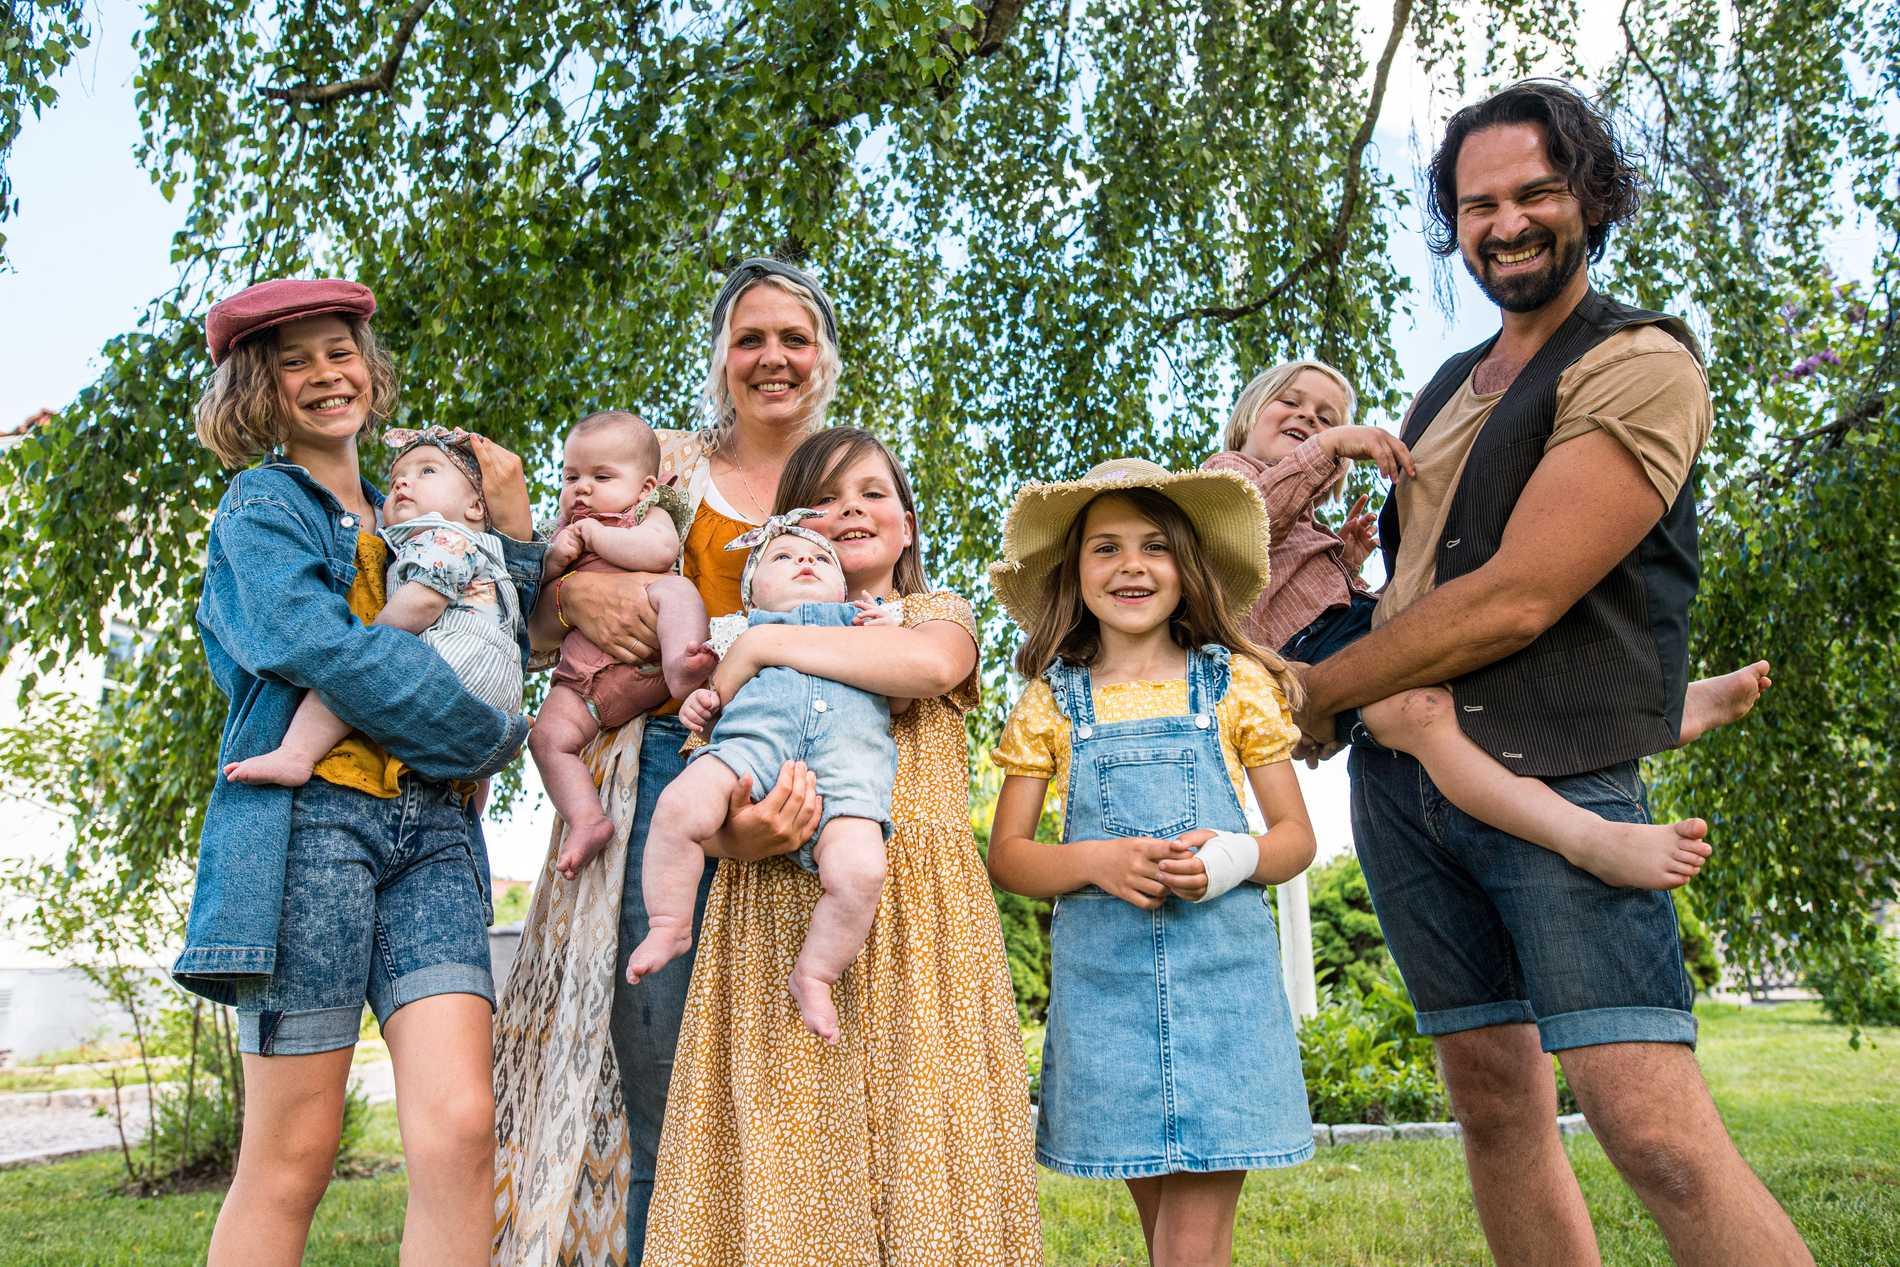 Judith med Margit, Sofia med Aina, Signe med Ines, Märta, Elis och Sebastian Kinnander.